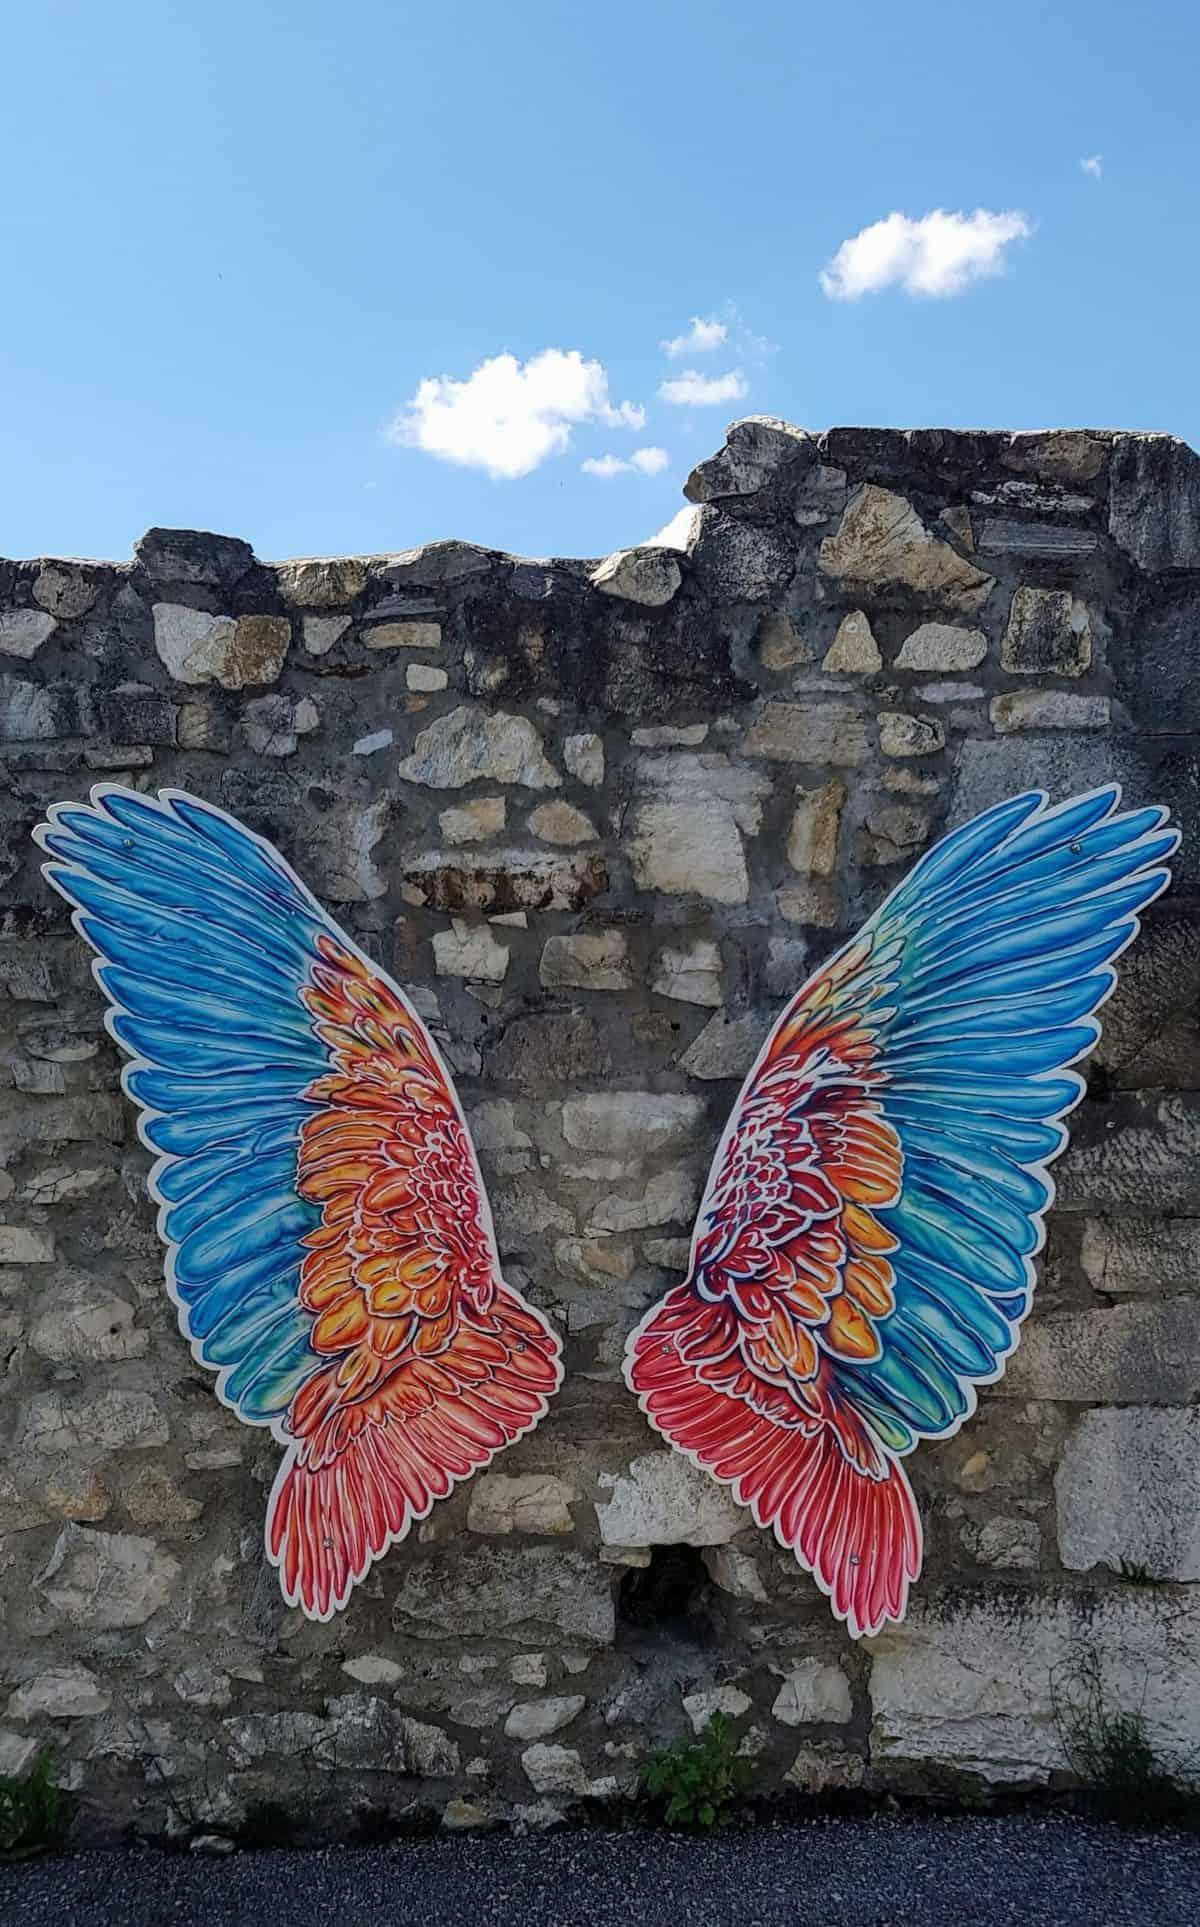 Fotowand mit Flügel auf Steinmauer in Adlerarena auf Burg Landskron in Kärnten